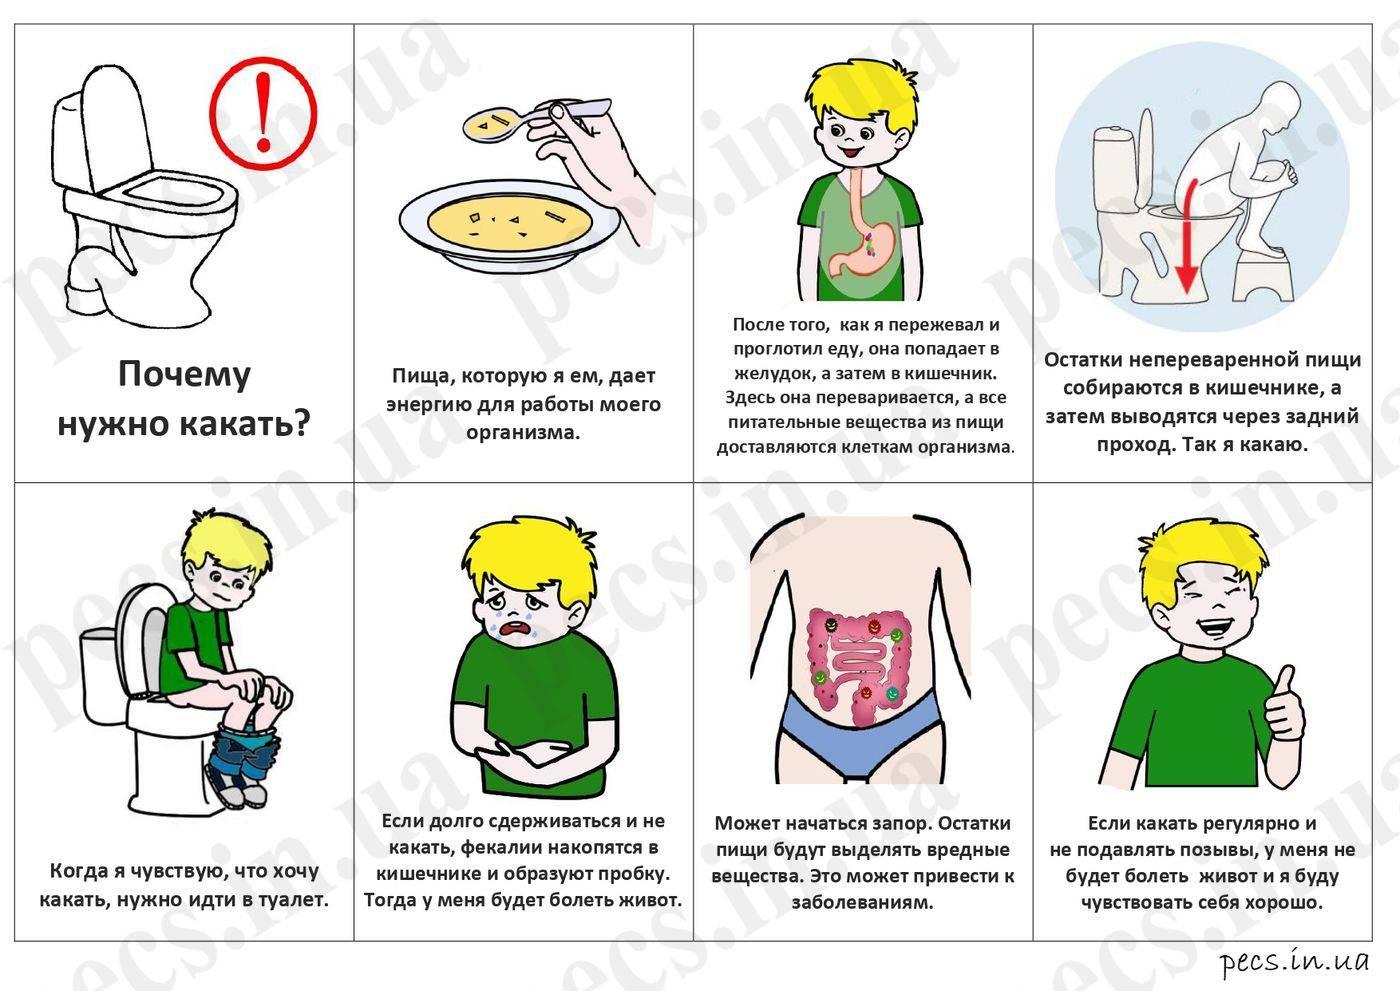 Как научить ребенка вытирать попу. обсуждение на liveinternet